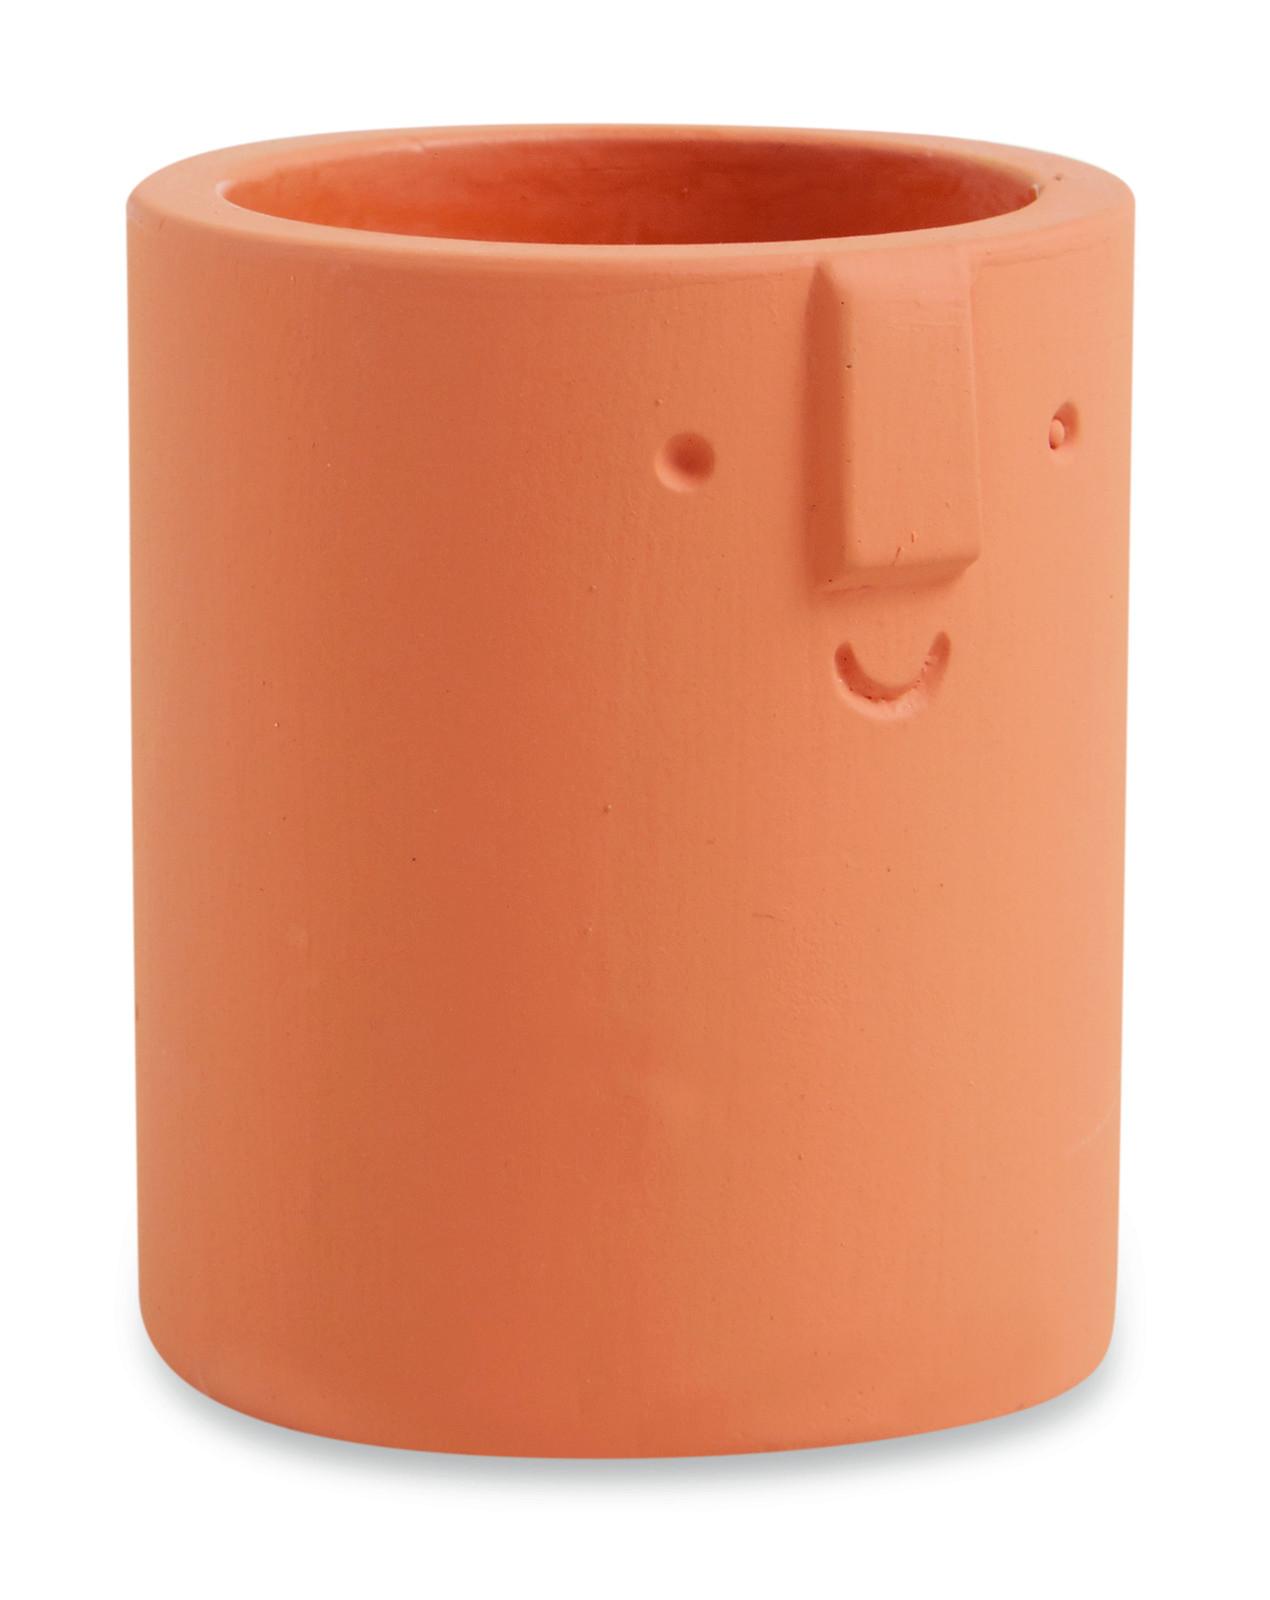 Kit Vaso Smile  - CASACOBRE